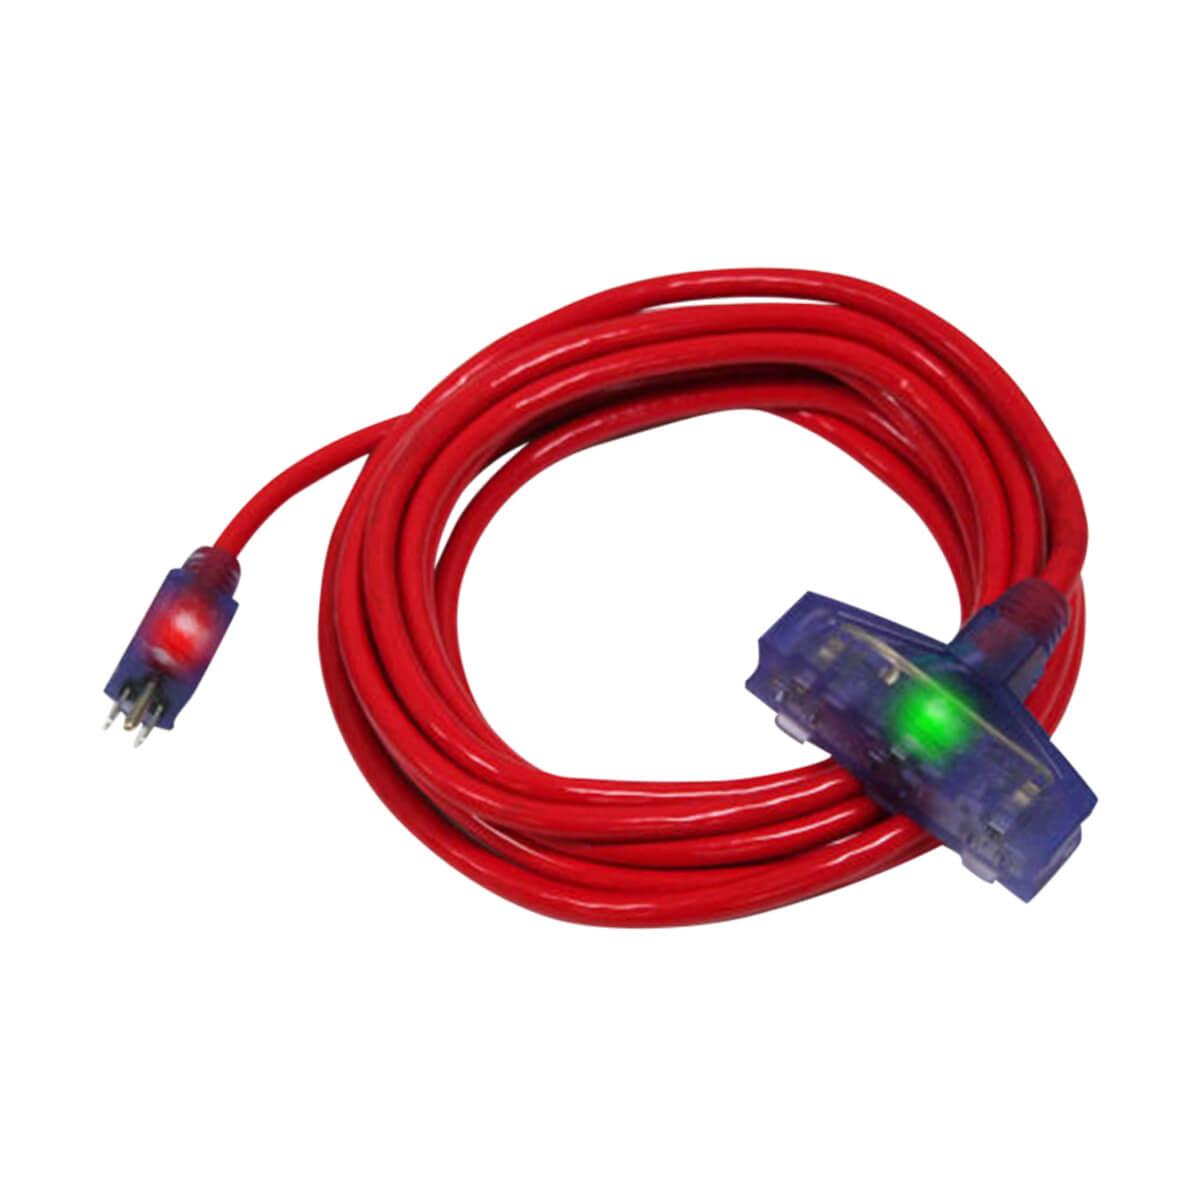 100' Pro Glo® (300V) Triple Tap Extension Cord (CGM) - 12/3 - Orange - 100'